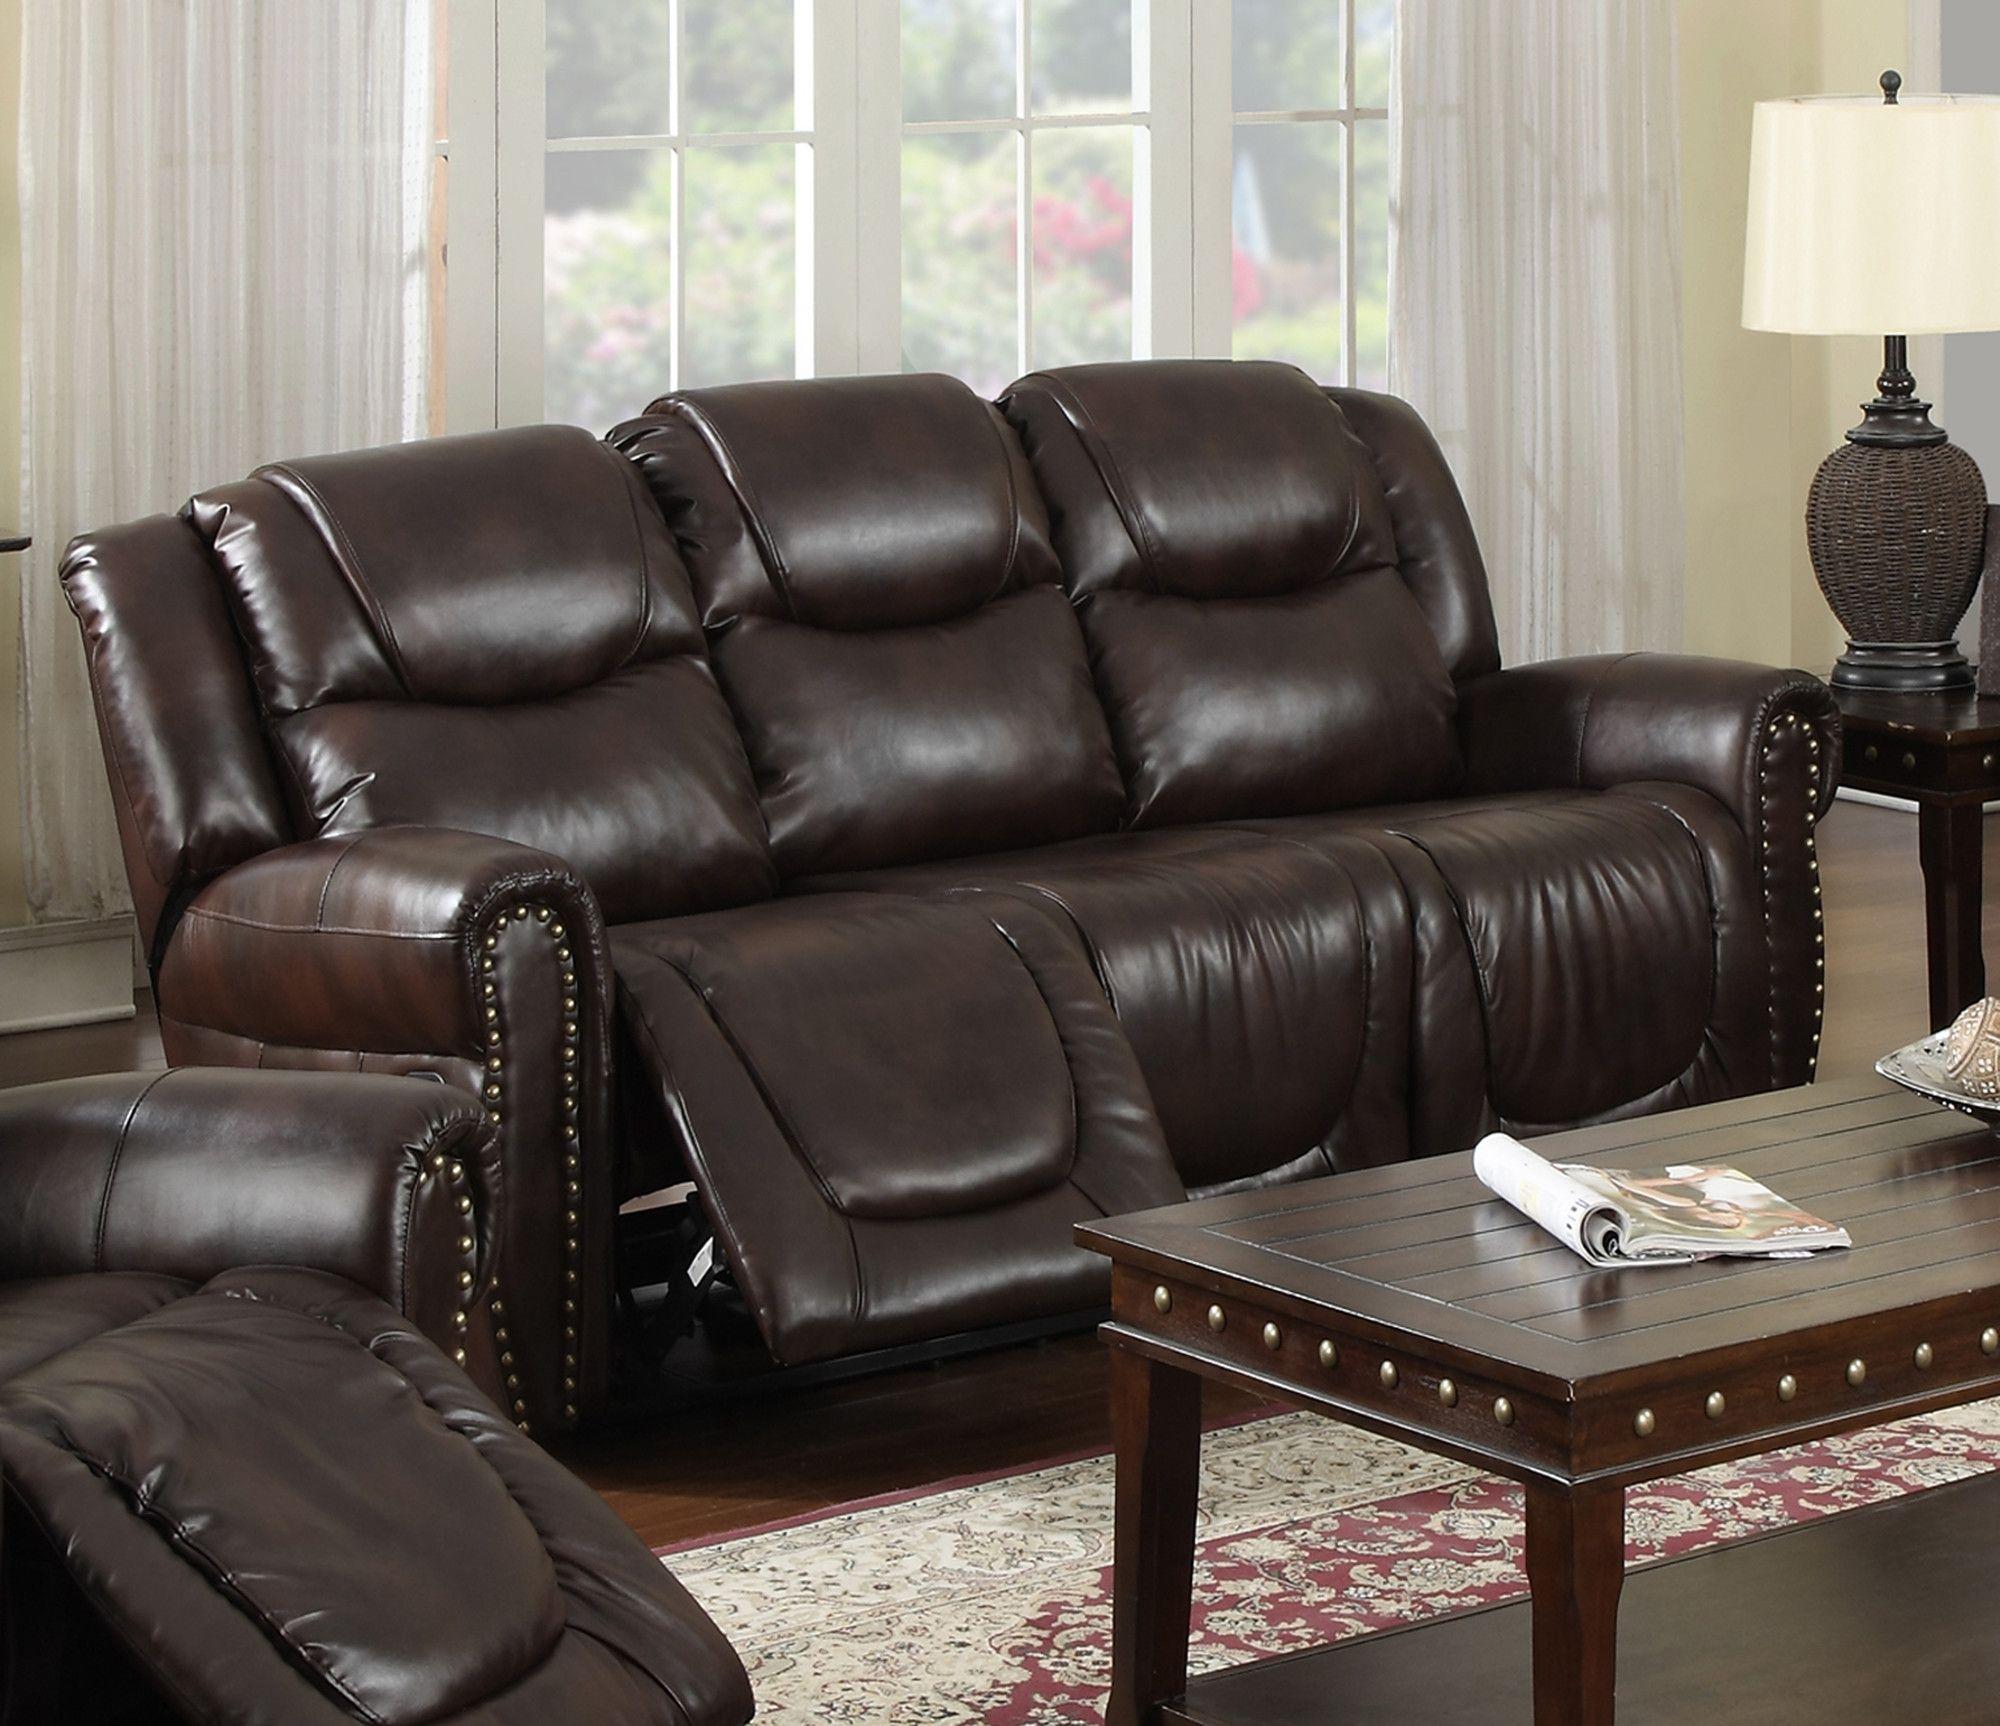 Toledo Reclining Sofa Reclining sofa, Sofa upholstery, Sofa